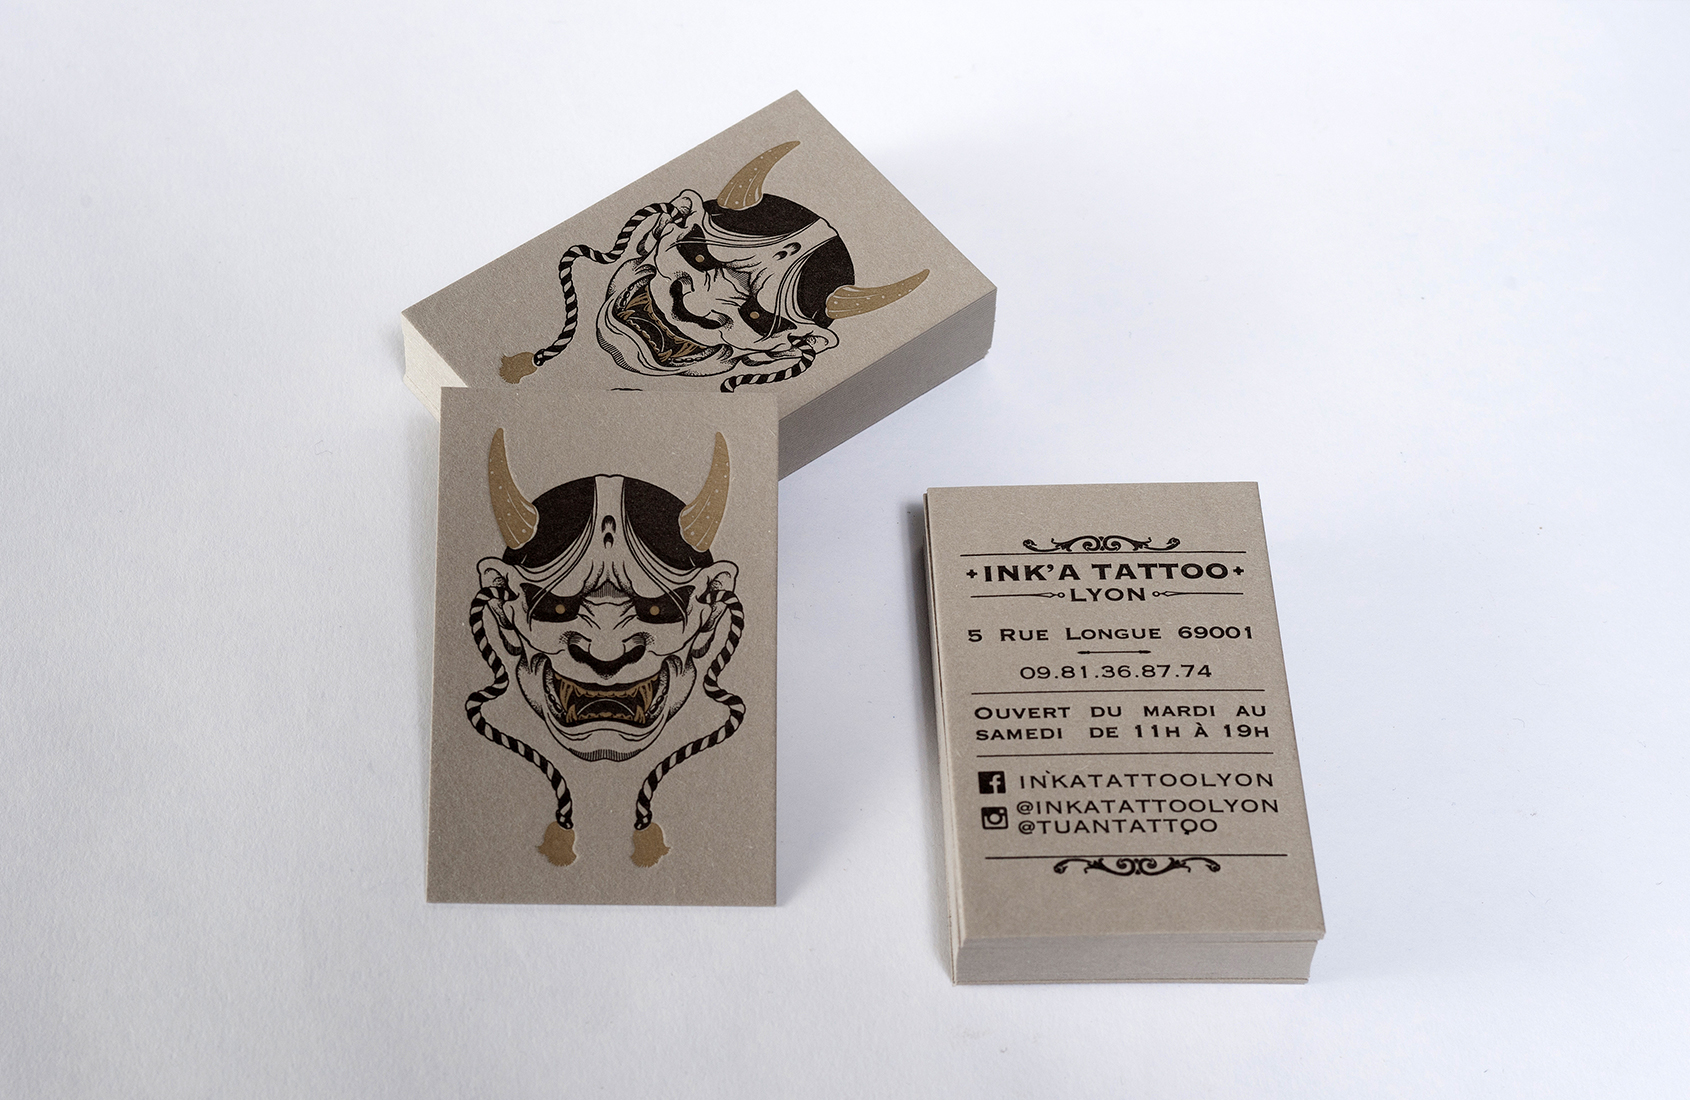 Cartes de visite letterpress réalisées pour le salon de tatouage INK'A TATTOO.